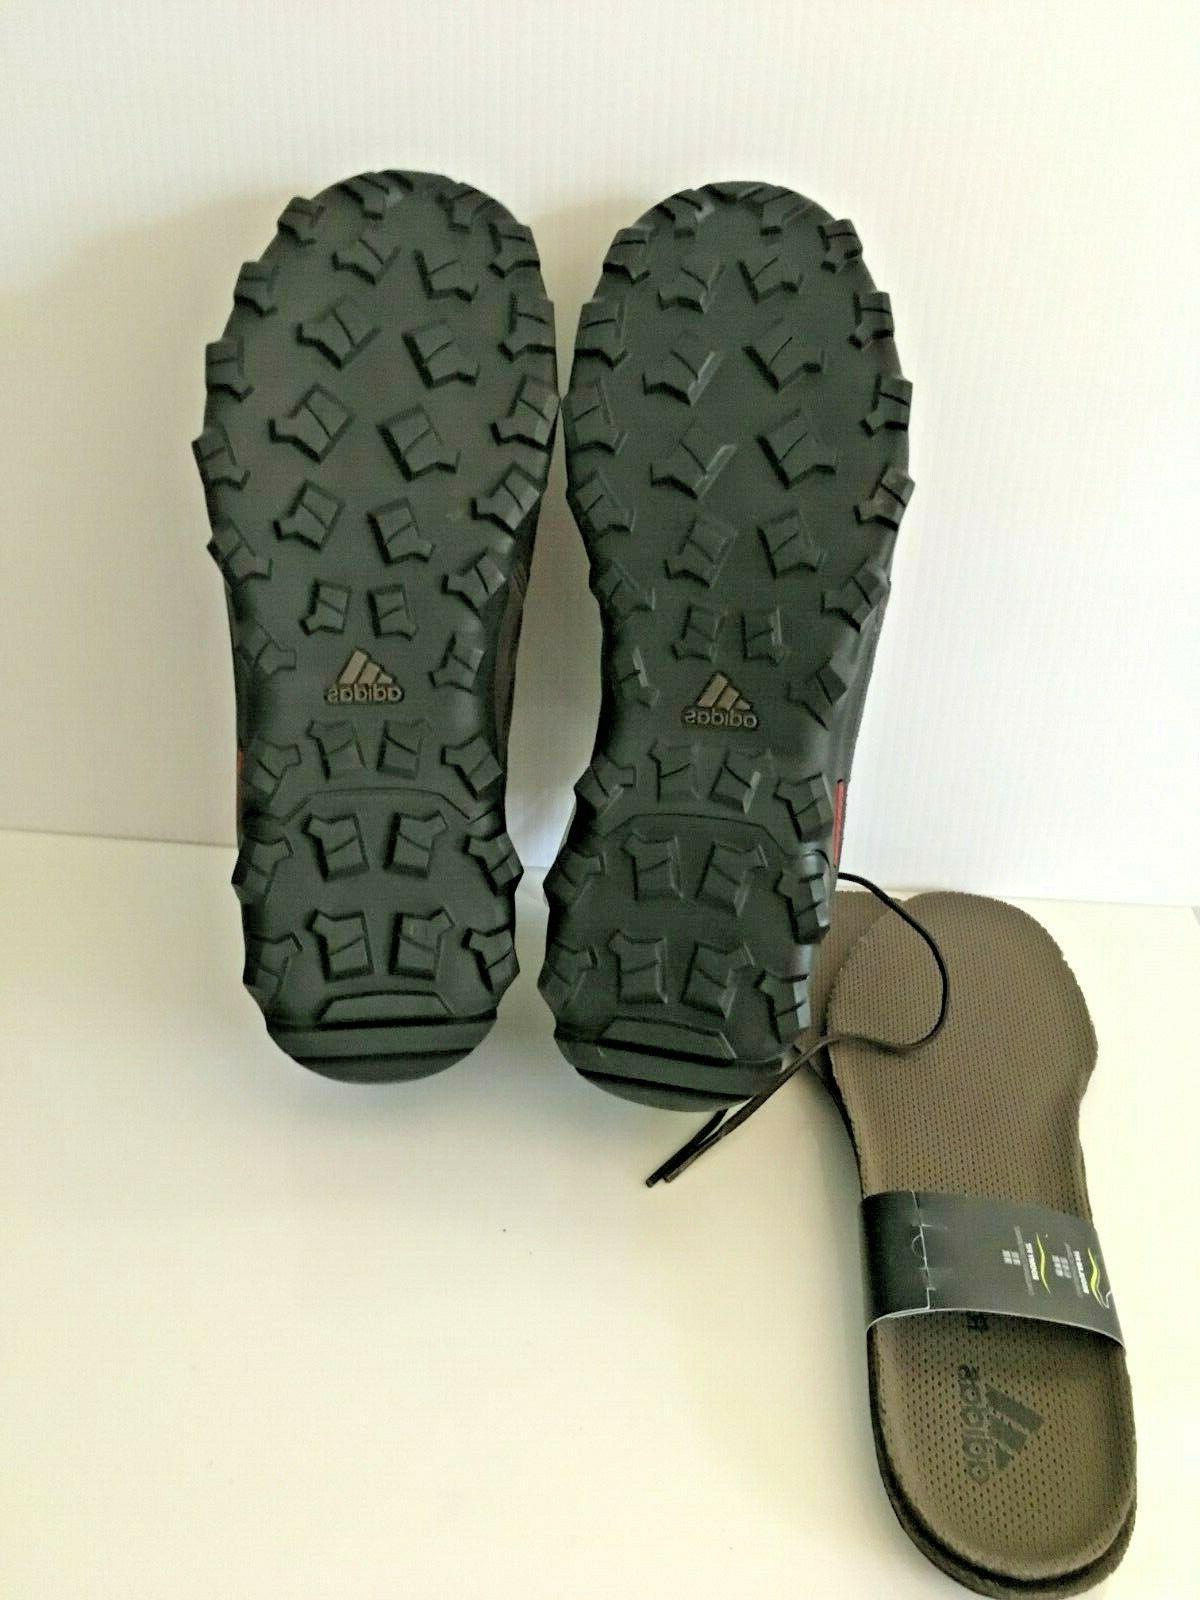 Adidas AF6096 Shoes 11.5 M